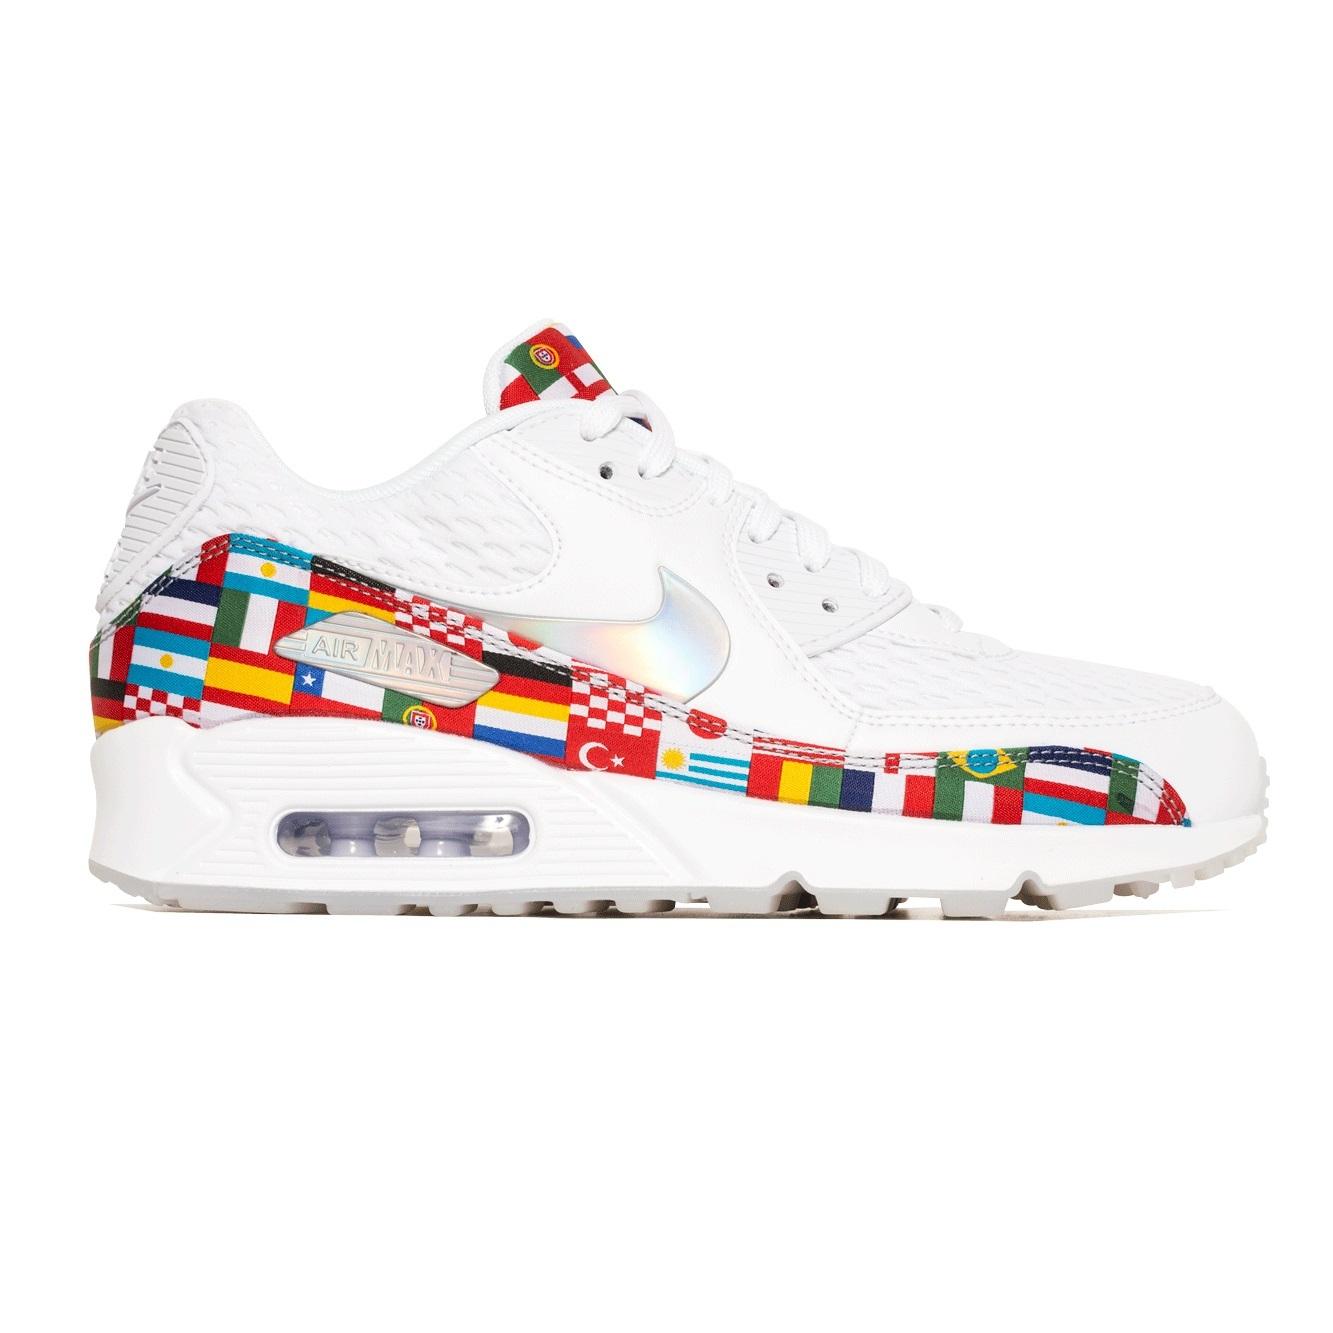 promo code 1ad56 485d5 Nike Air Max Max Max 90 QS International Flag and 50 similar items acf072